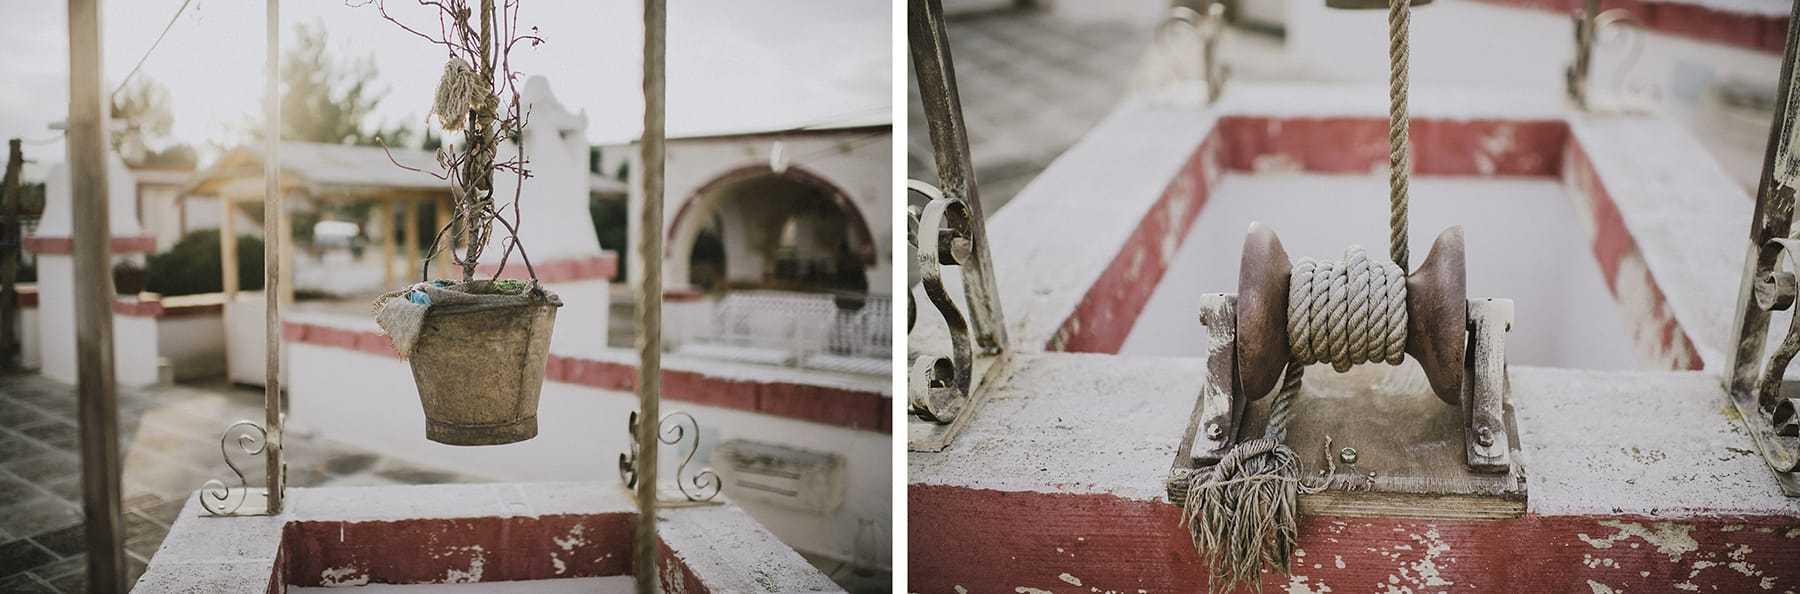 hilario_sanchez_fotografo_boda_ostuni_italia_028